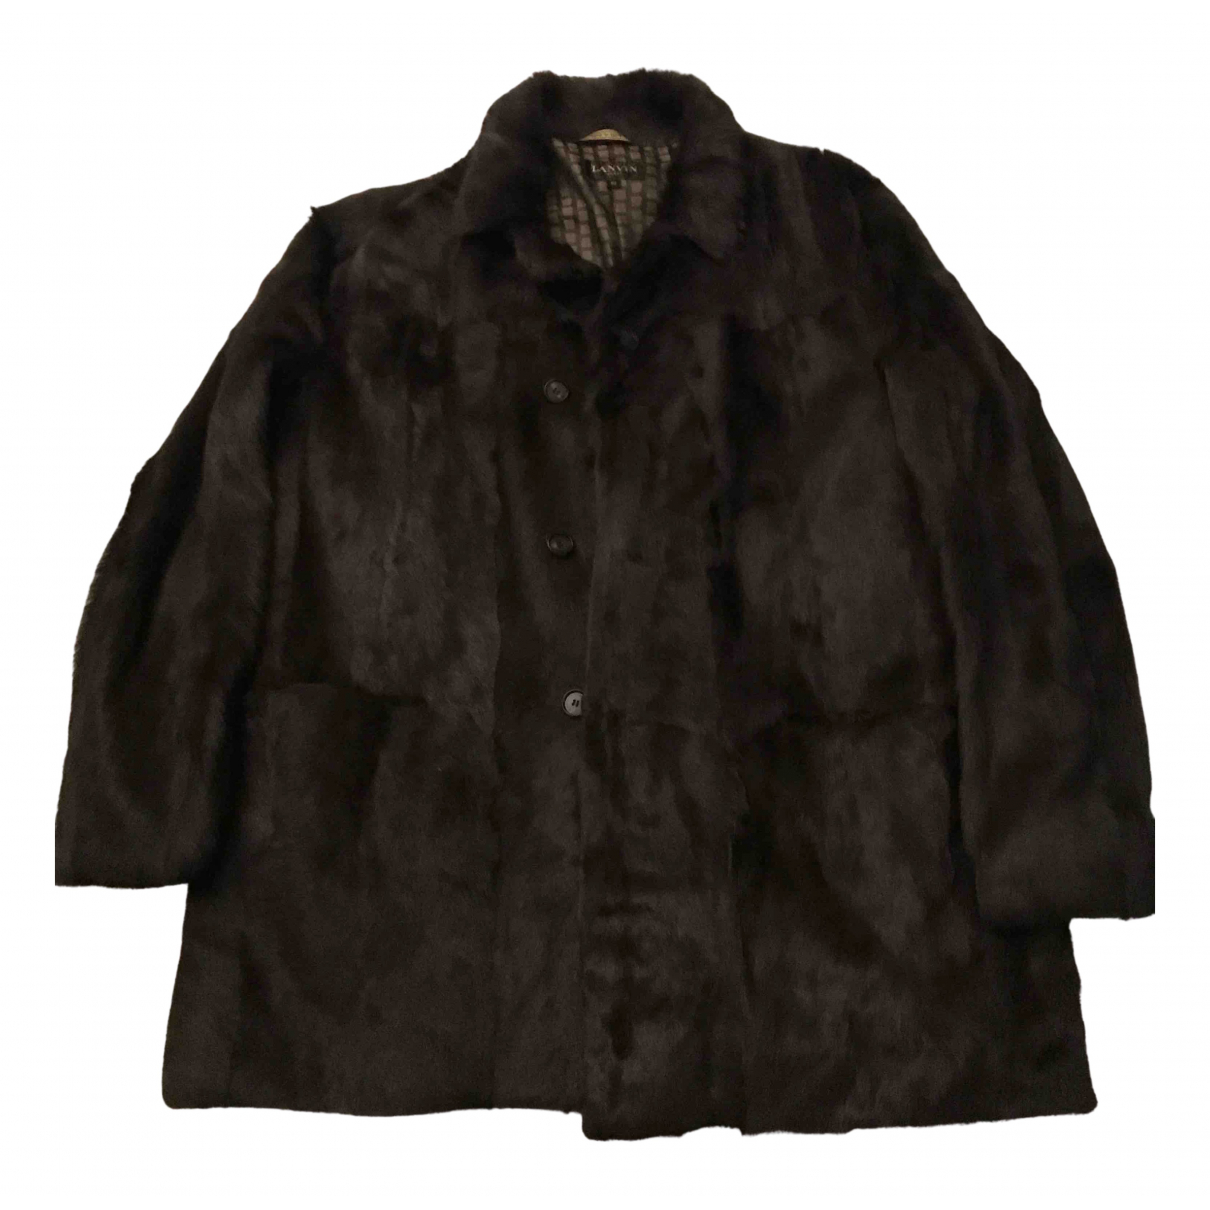 Lanvin - Manteau   pour homme en fourrure - marron